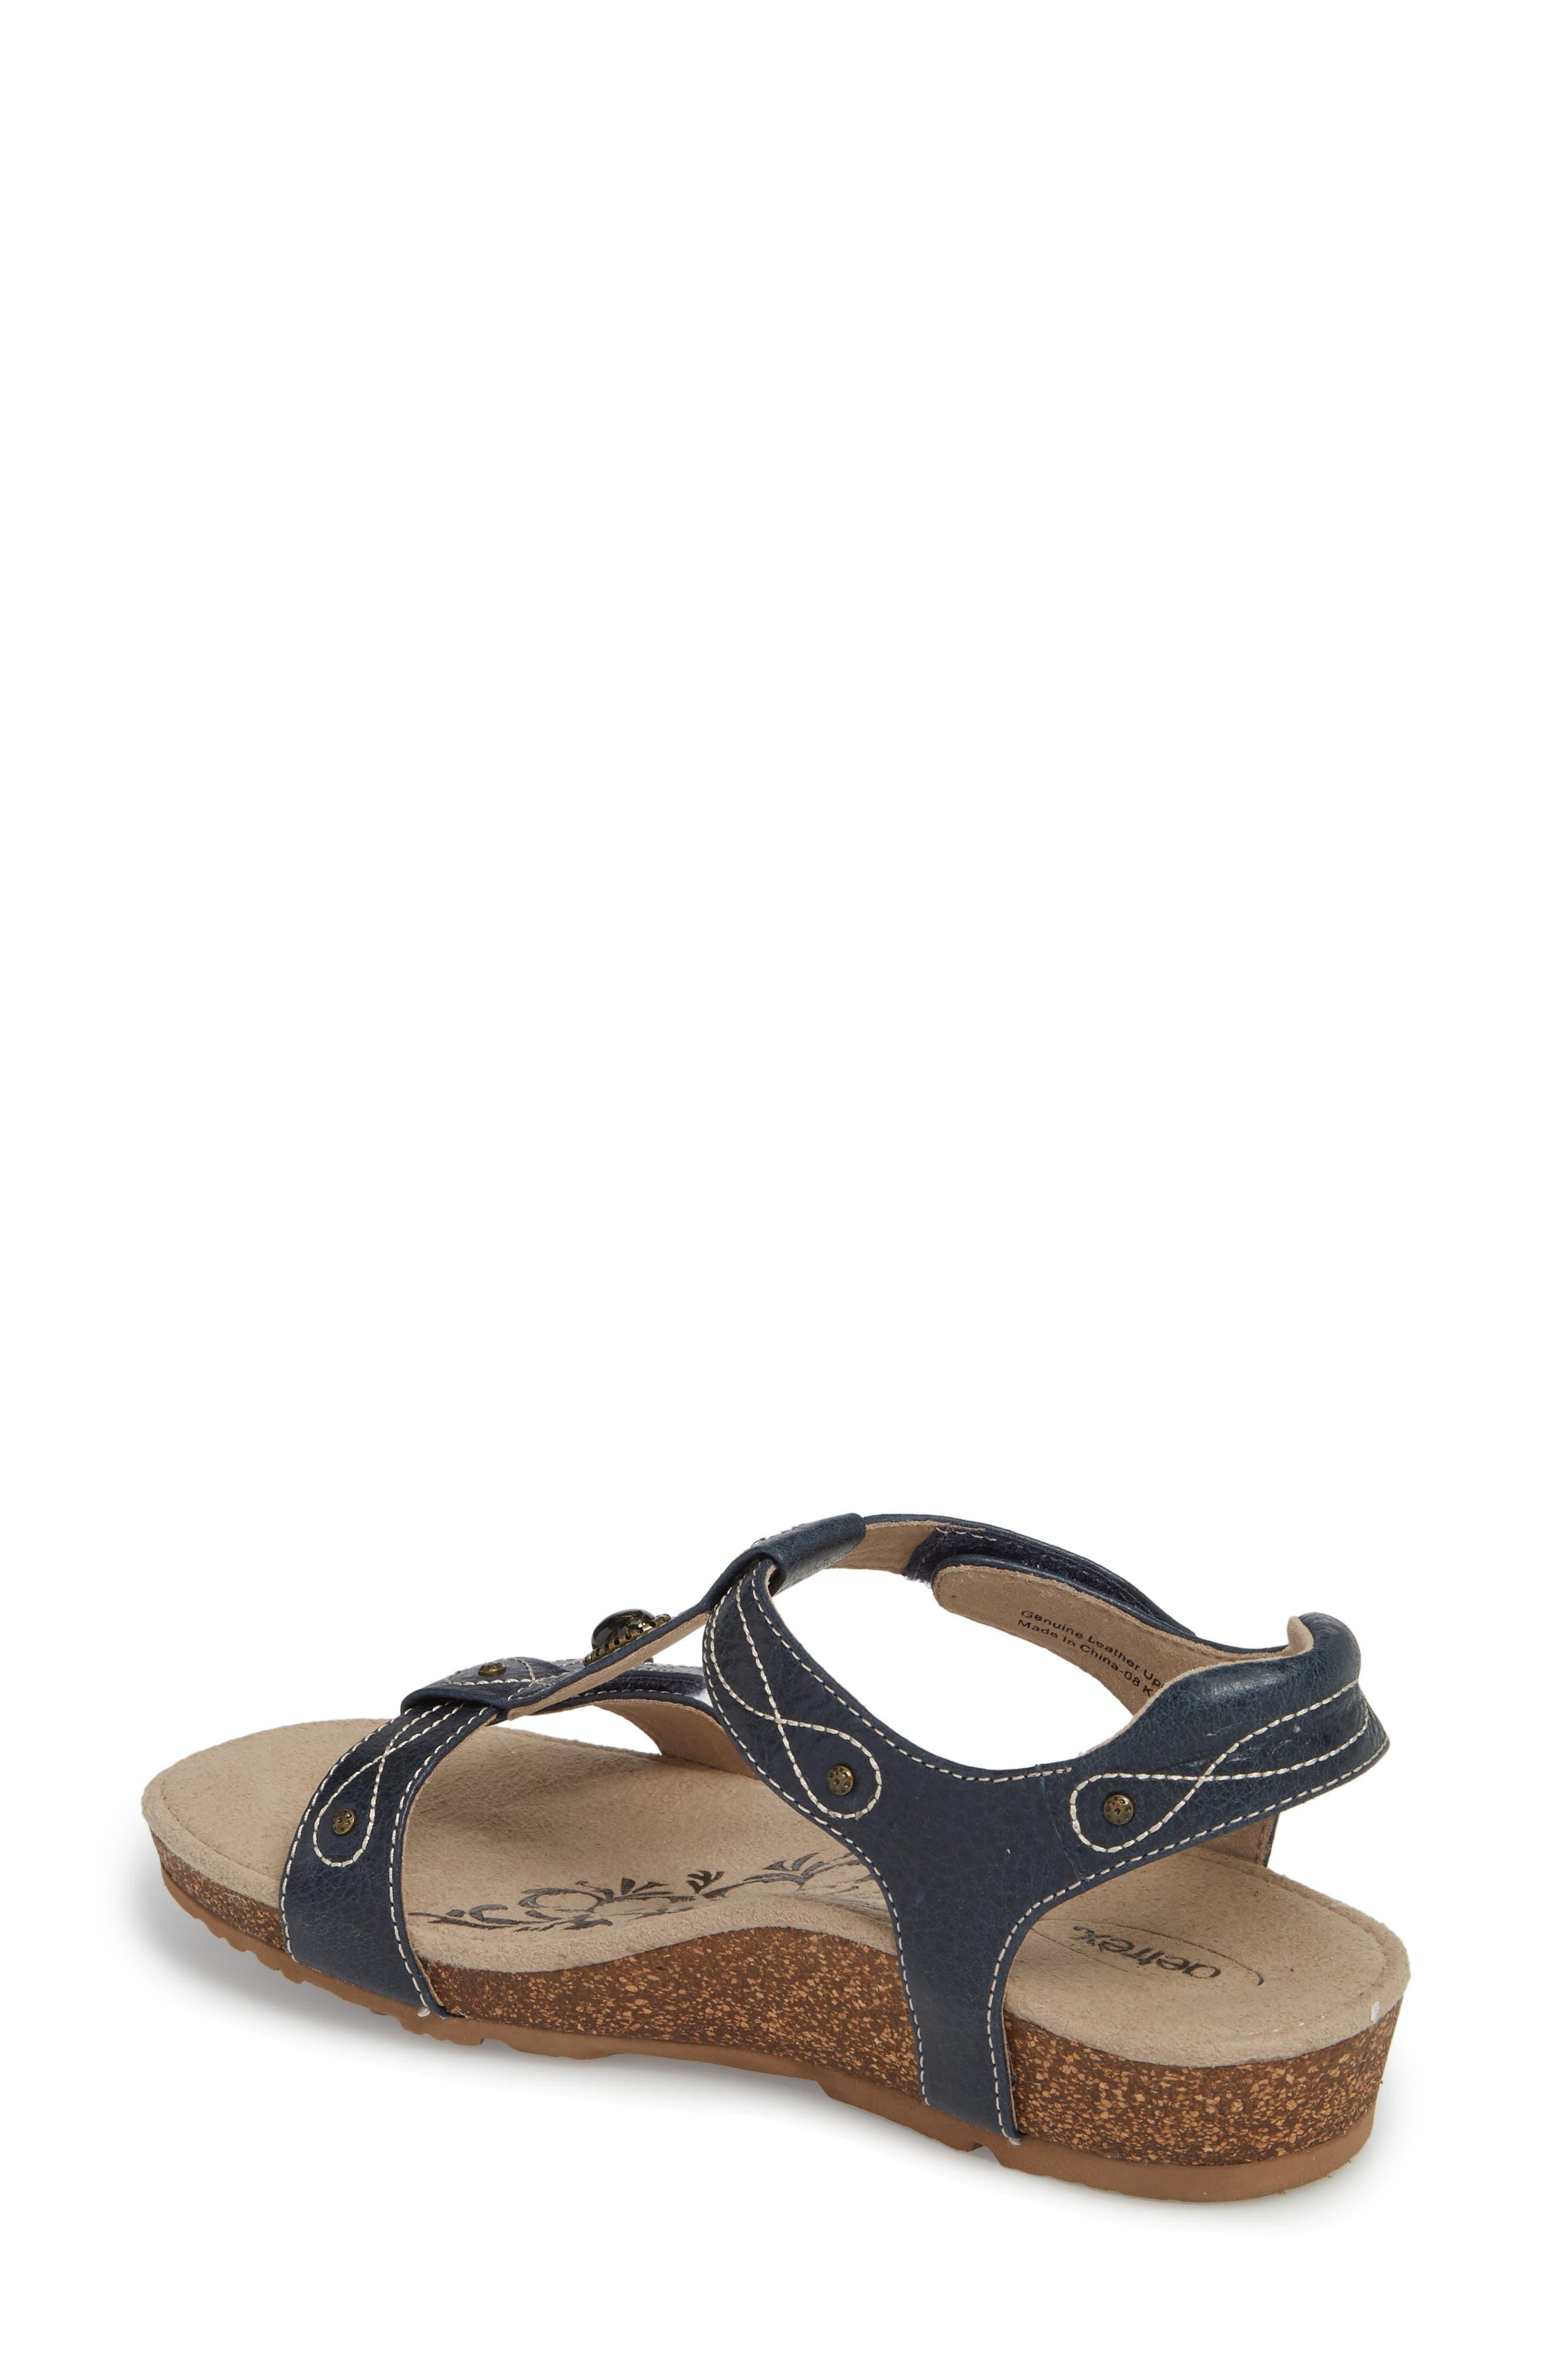 'Lori' Sandal,                             Alternate thumbnail 2, color,                             Navy Leather